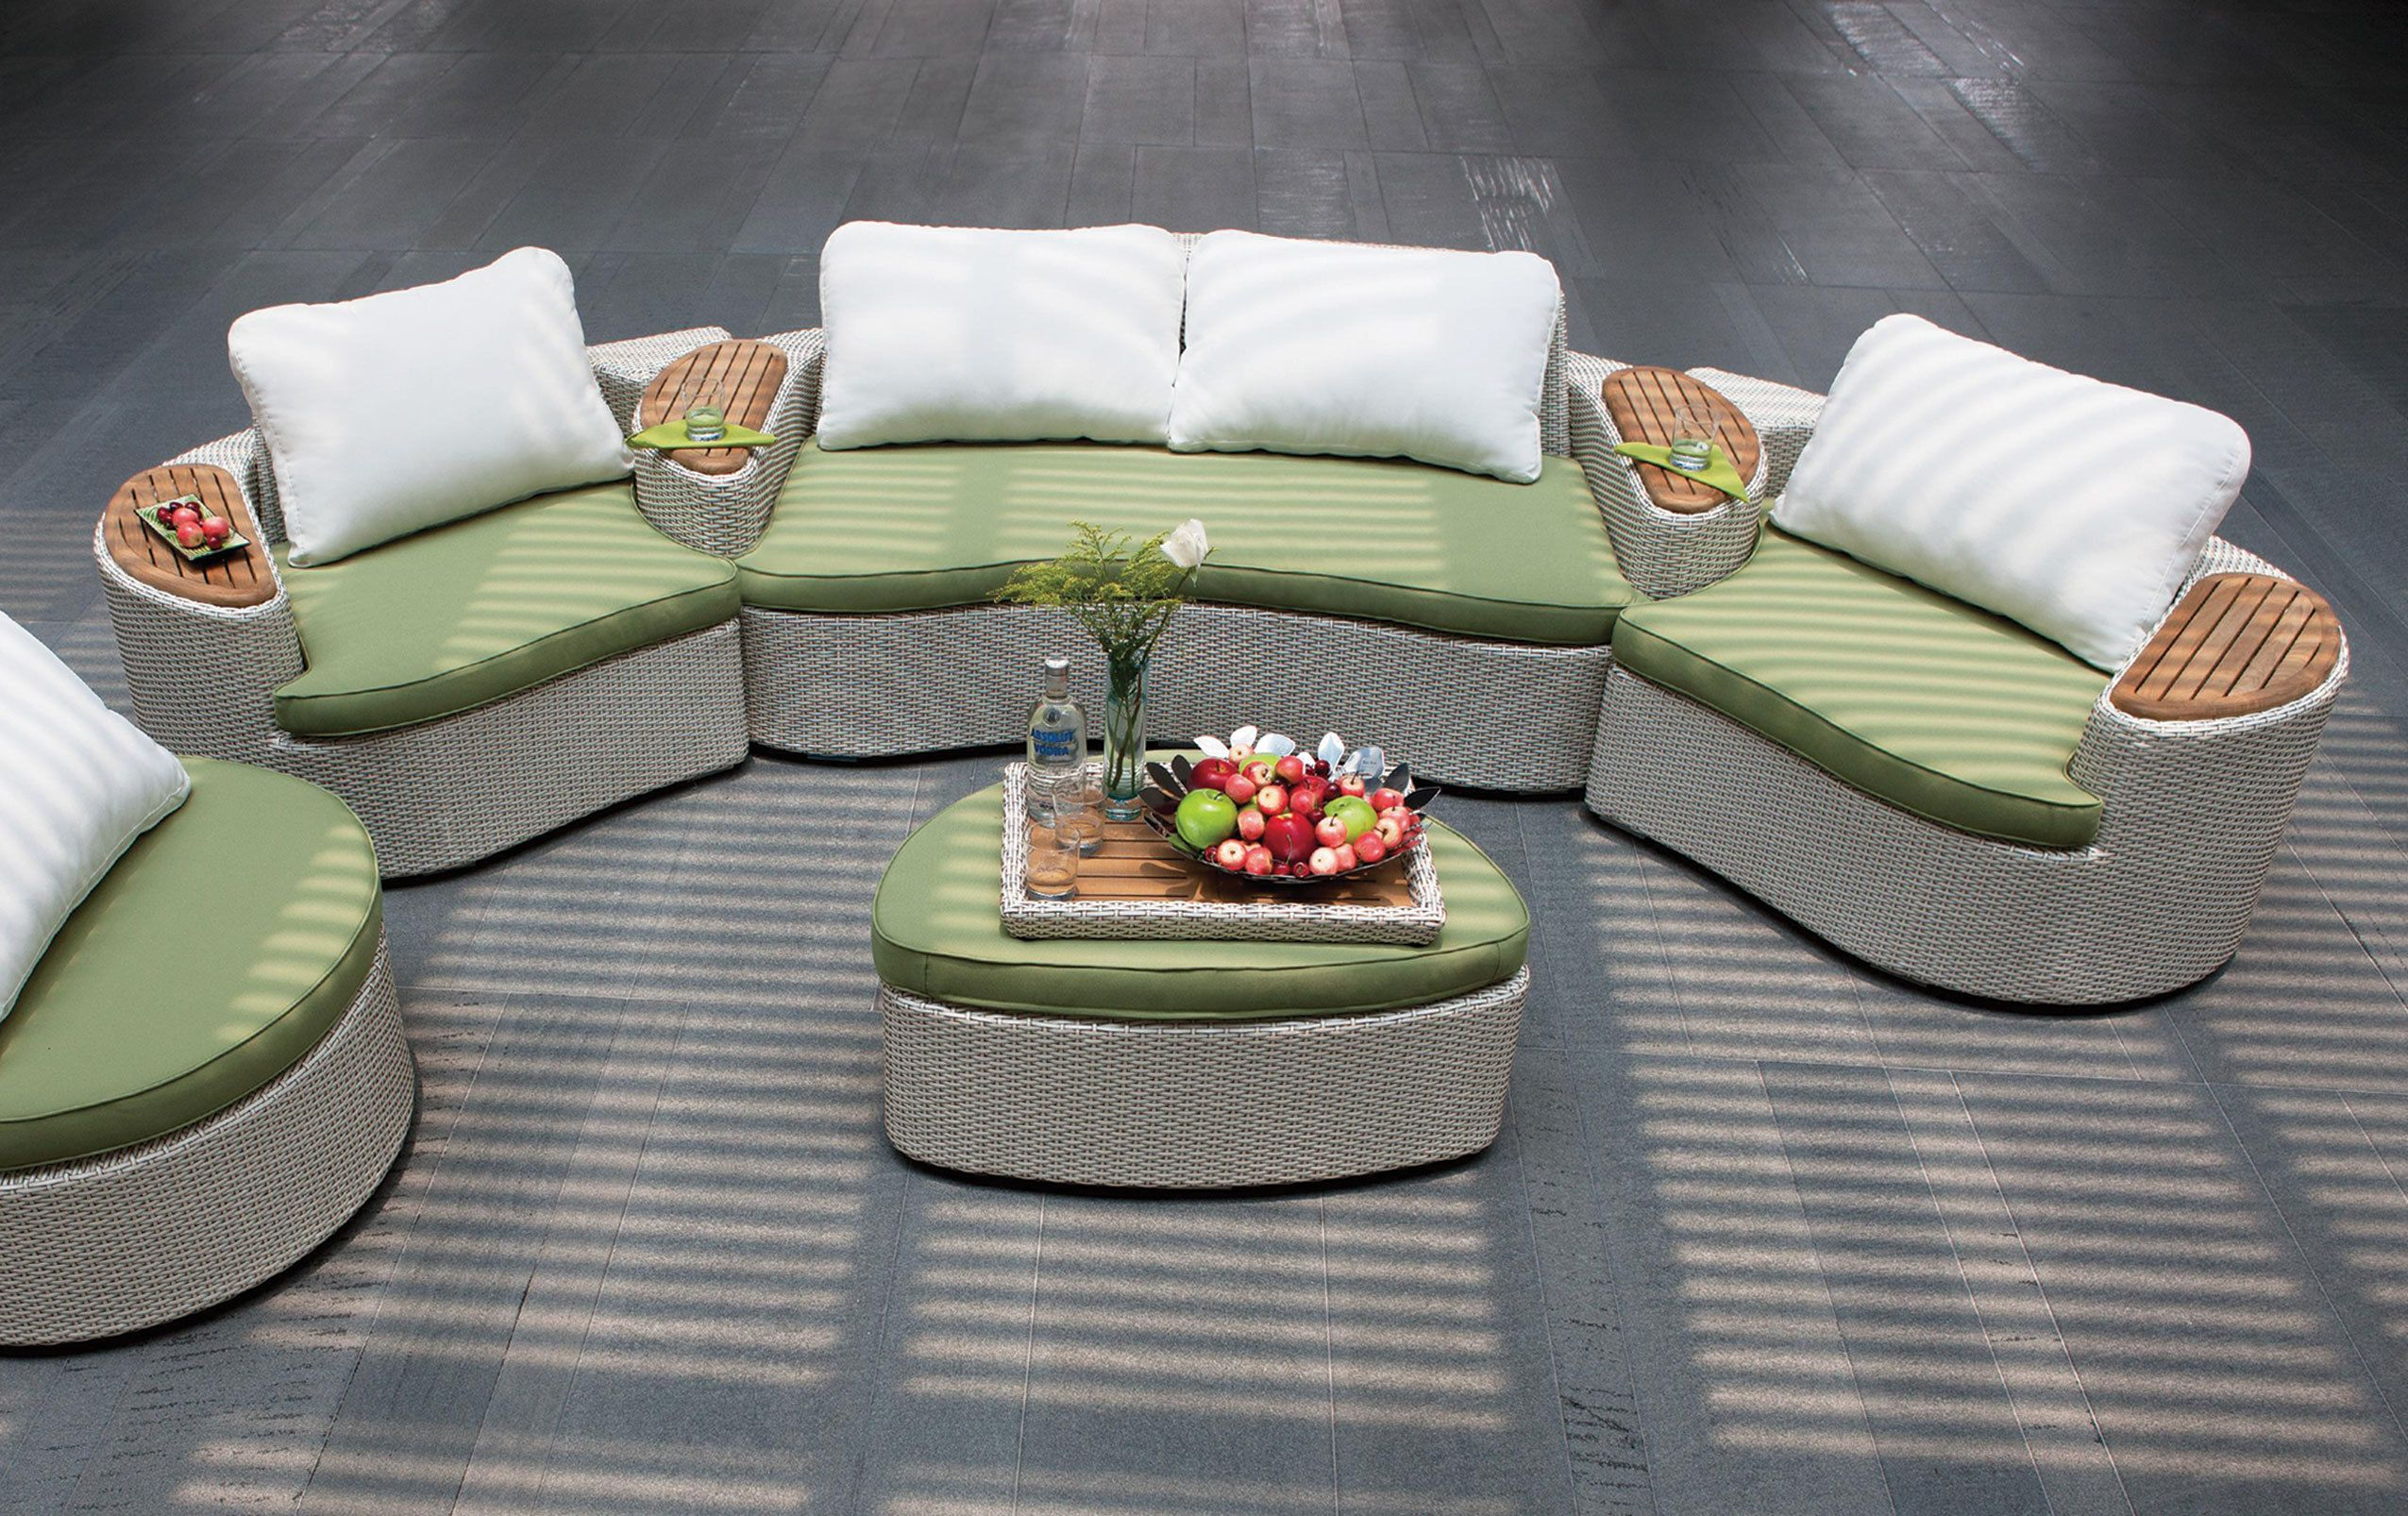 Doğanın renklerinden ilham alınarak tasarlanan, konforu ile uzun yaz akşamlarına keyif katacak bahçe mobilyaları.